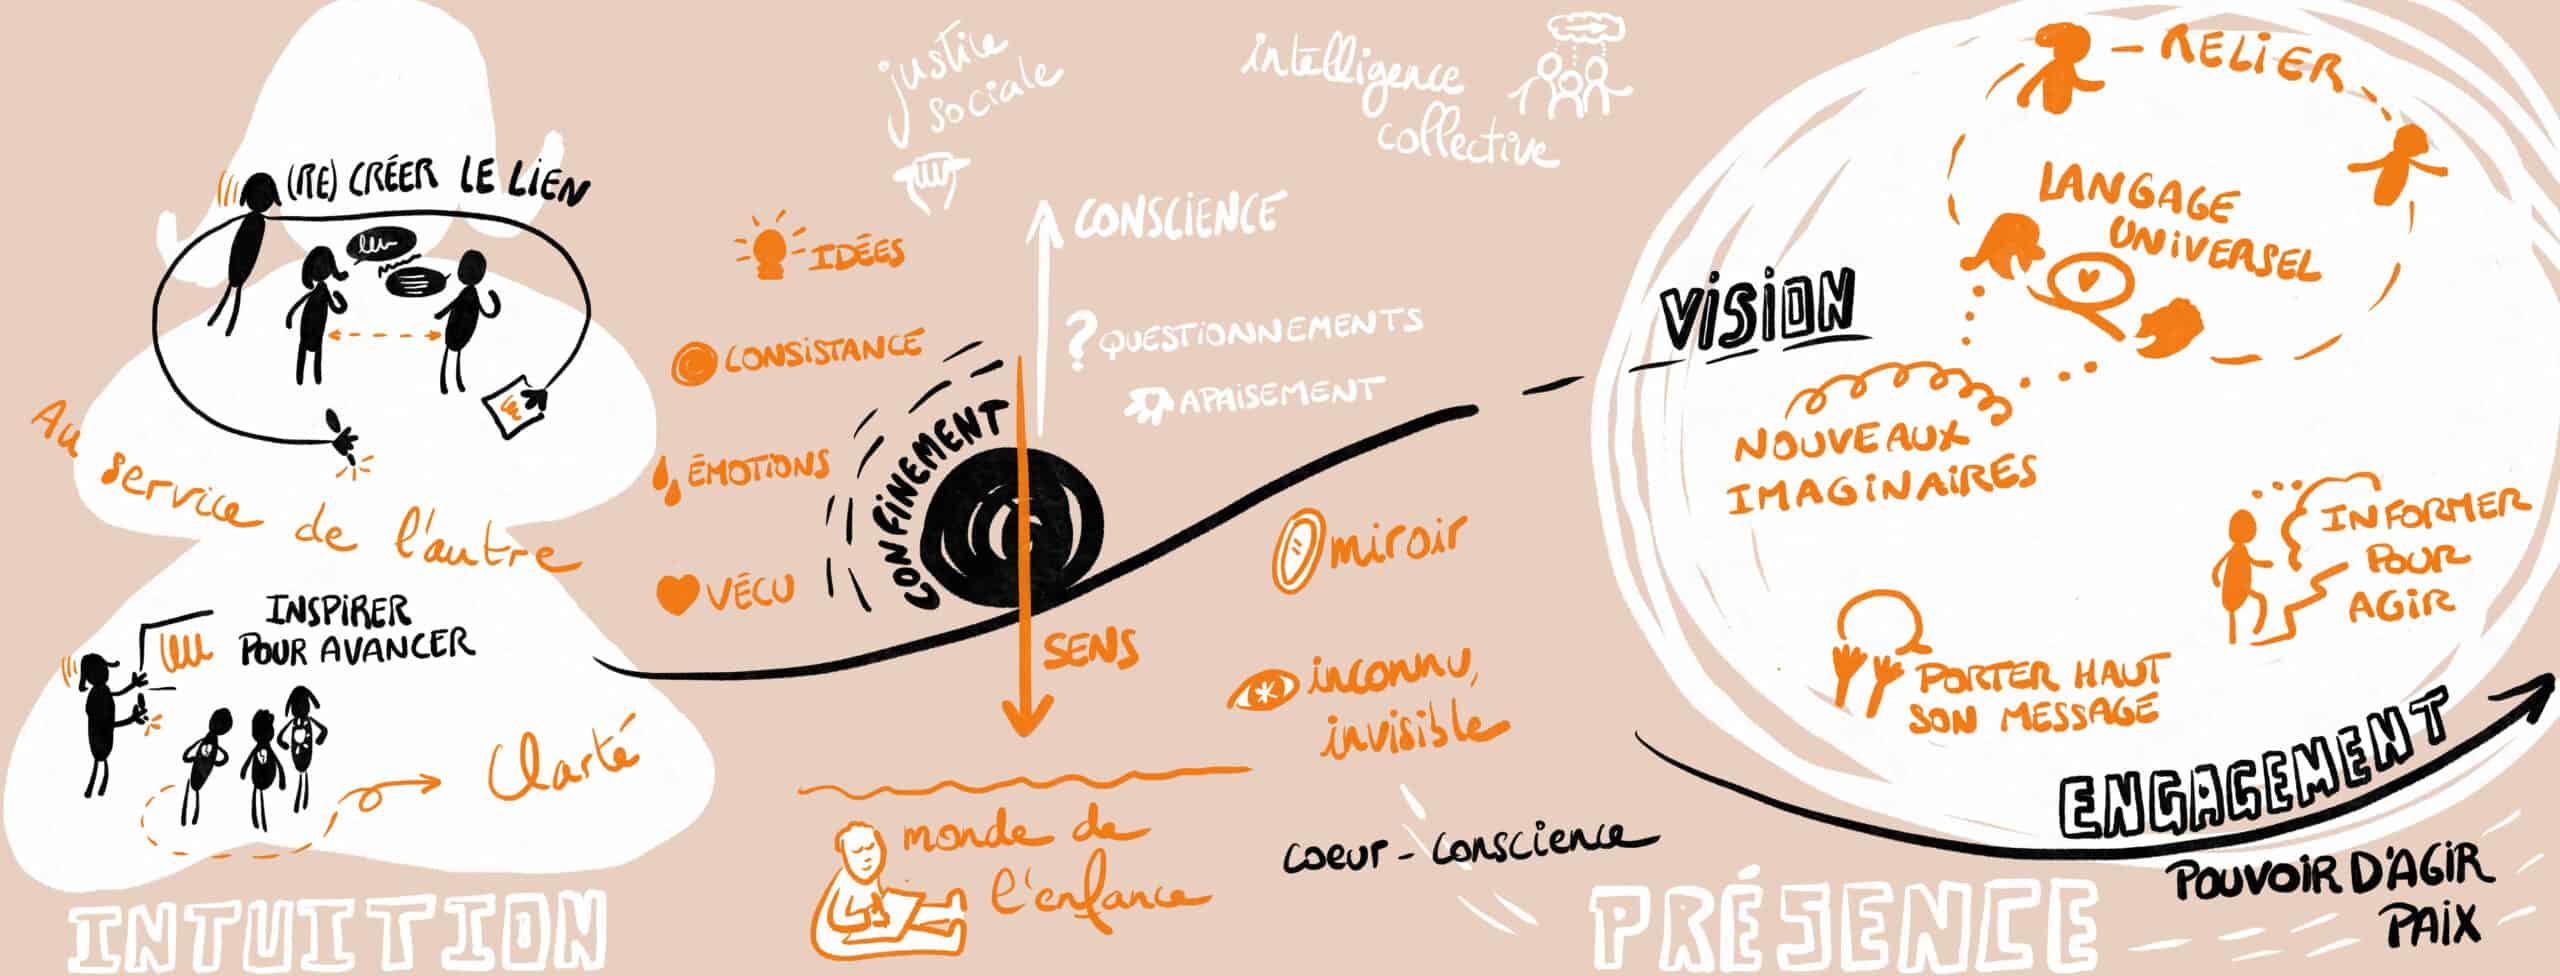 La facilitation graphique, rôle social